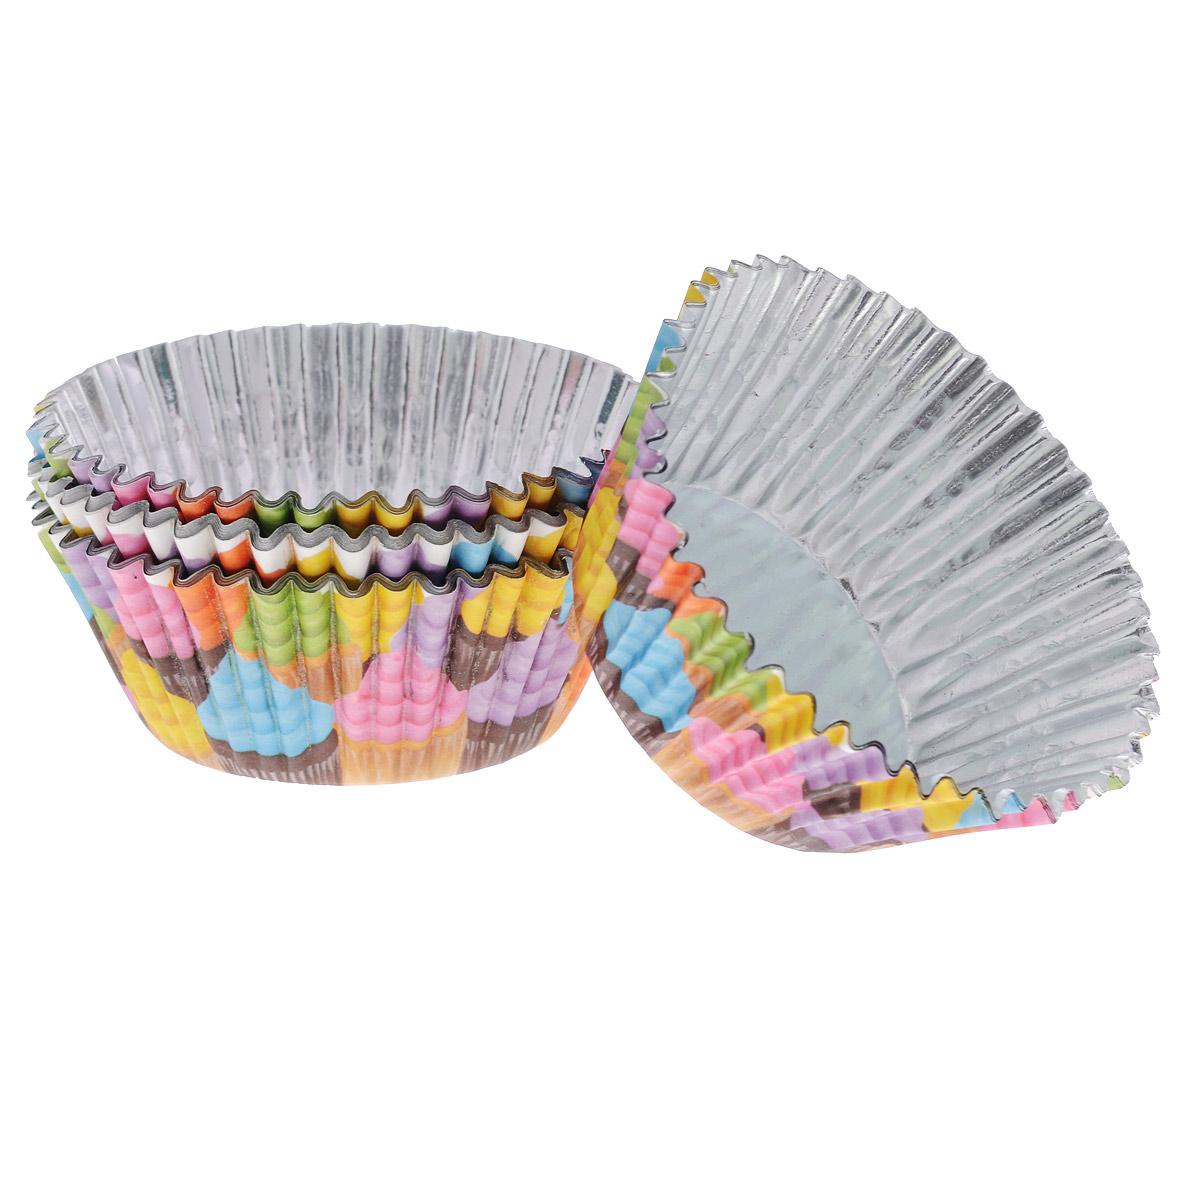 Набор бумажных форм для кексов Wilton Кексы, диаметр 7 см, 36 штFS-91909Набор Wilton Кексы состоит из 36 бумажных форм для кексов. Они предназначены для выпечки и упаковки кондитерских изделий, также могут использоваться для сервировки орешков, конфет и др. Внутри формы оснащены специальным фольгированным вкладышем, благодаря которому изделия не требуют предварительной смазки маслом или жиром. Гофрированные бумажные формы идеальны для выпечки кексов, булочек и пирожных.Высота стенки: 3 см. Диаметр (по верхнему краю): 7 см.Диаметр дна: 5 см.